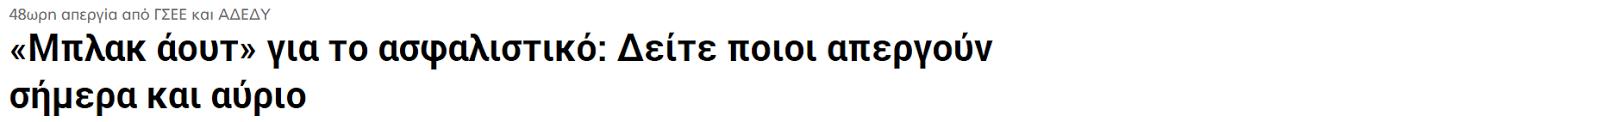 48ωρη απεργία από ΓΣΕΕ και ΑΔΕΔΥ